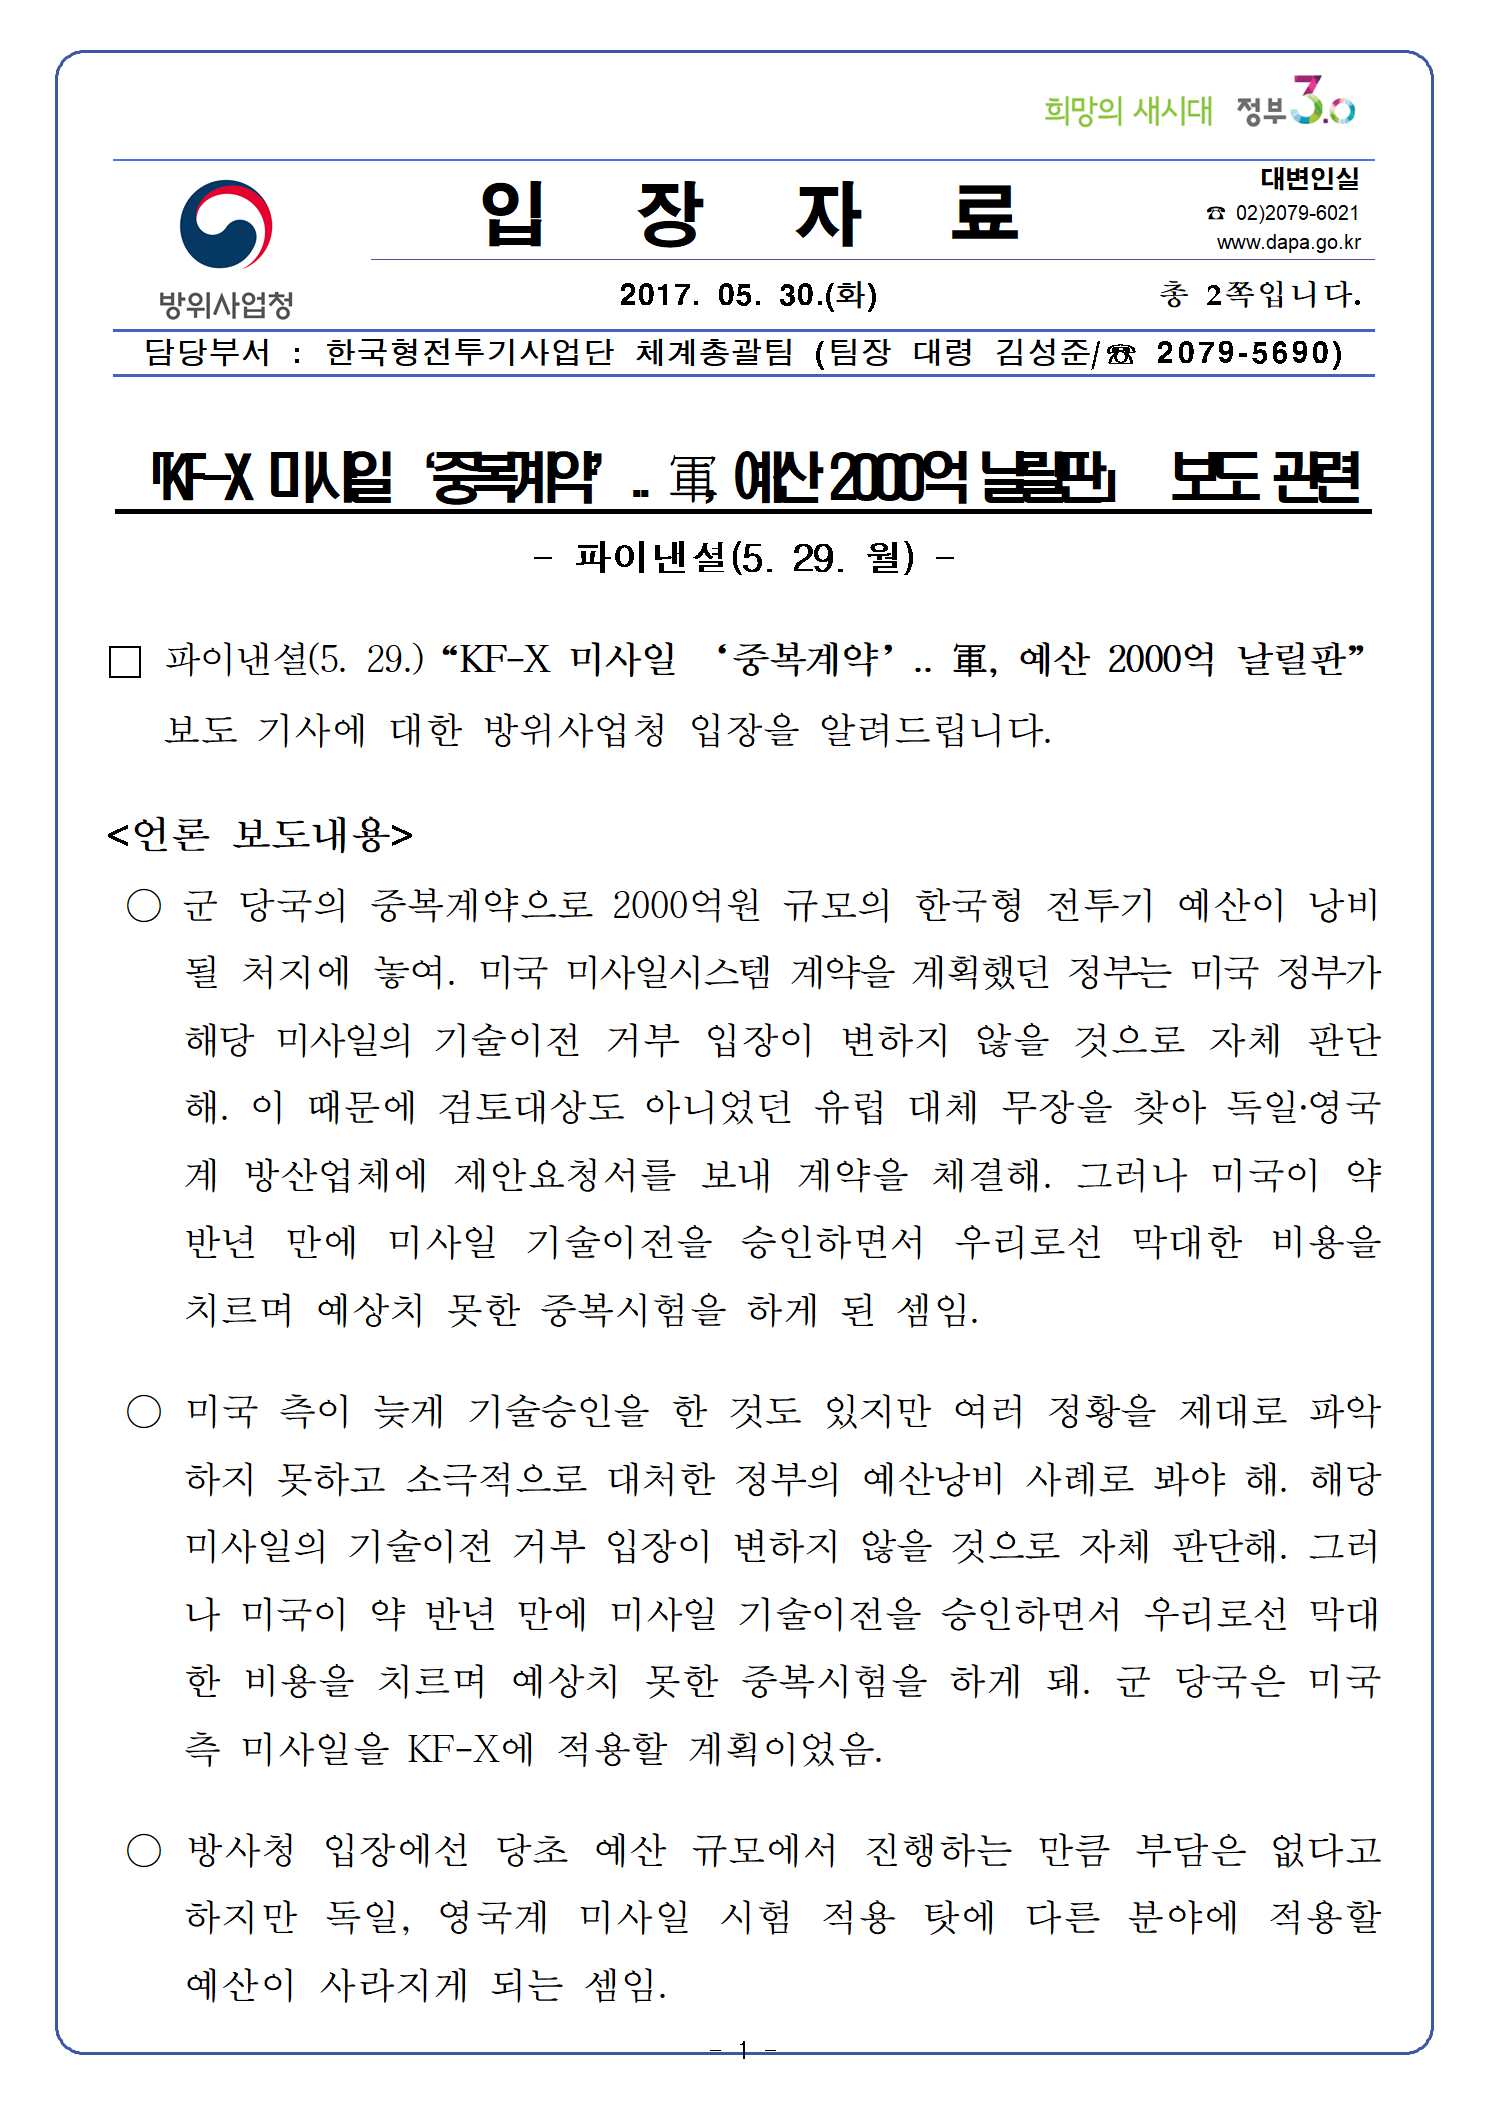 170529 KF-X 미사일 중복계약 軍 예산 2000억 날릴판 보도관련 청 입장자료001.png